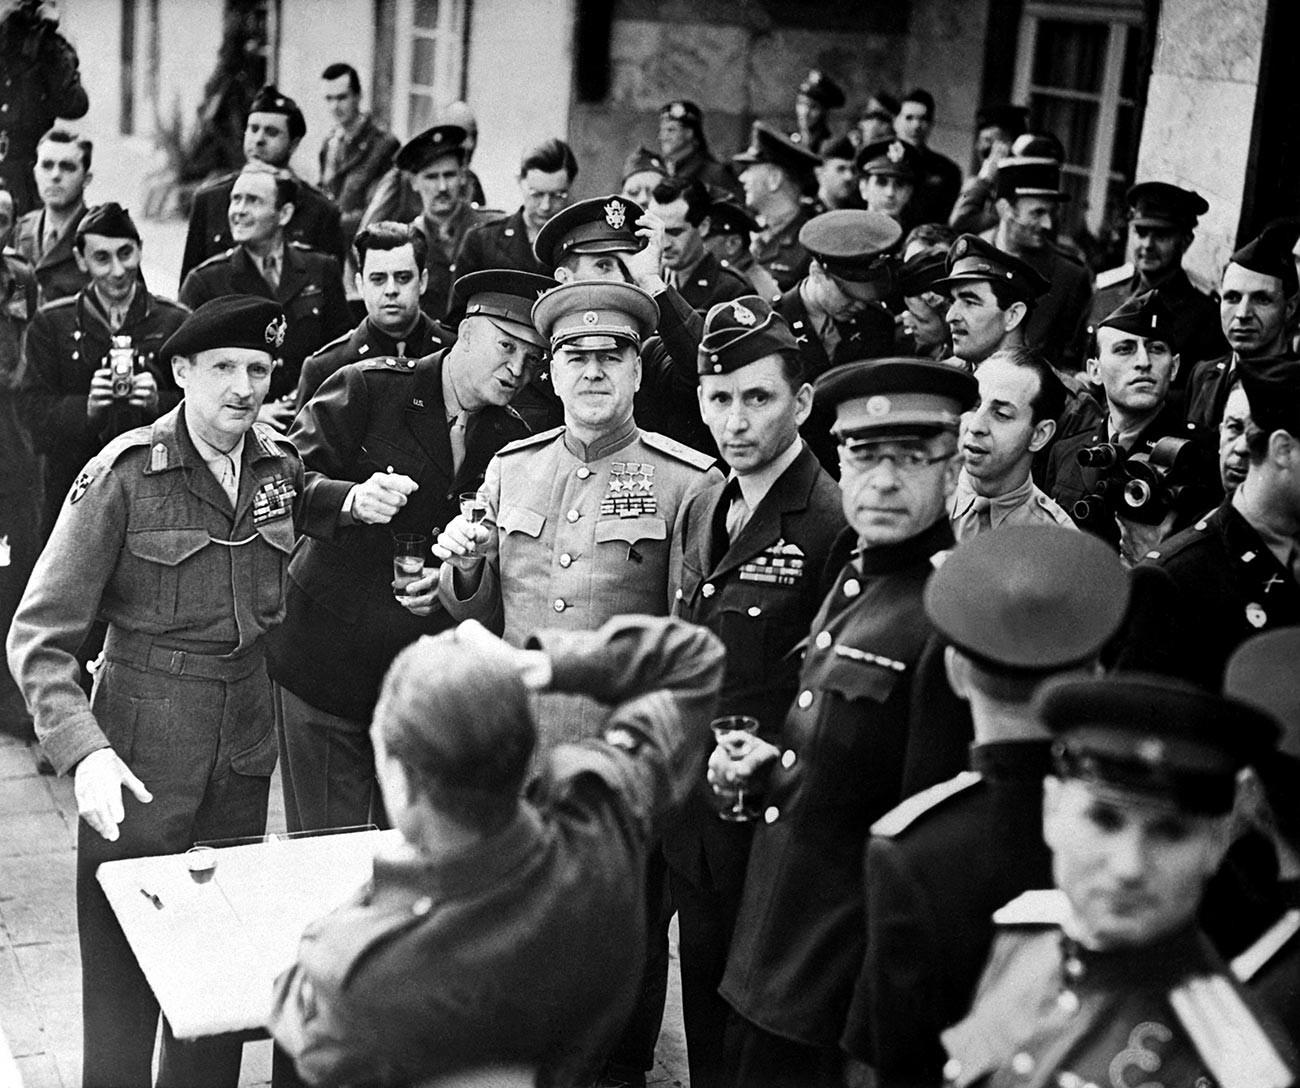 Il maresciallo di campo britannico Bernard Montgomery (a sinistra, con il basco), premiato il 5 giugno 1945; vicino a lui, il generale americano Dwight Eisenhower e il maresciallo sovietico Georgij Zhukov